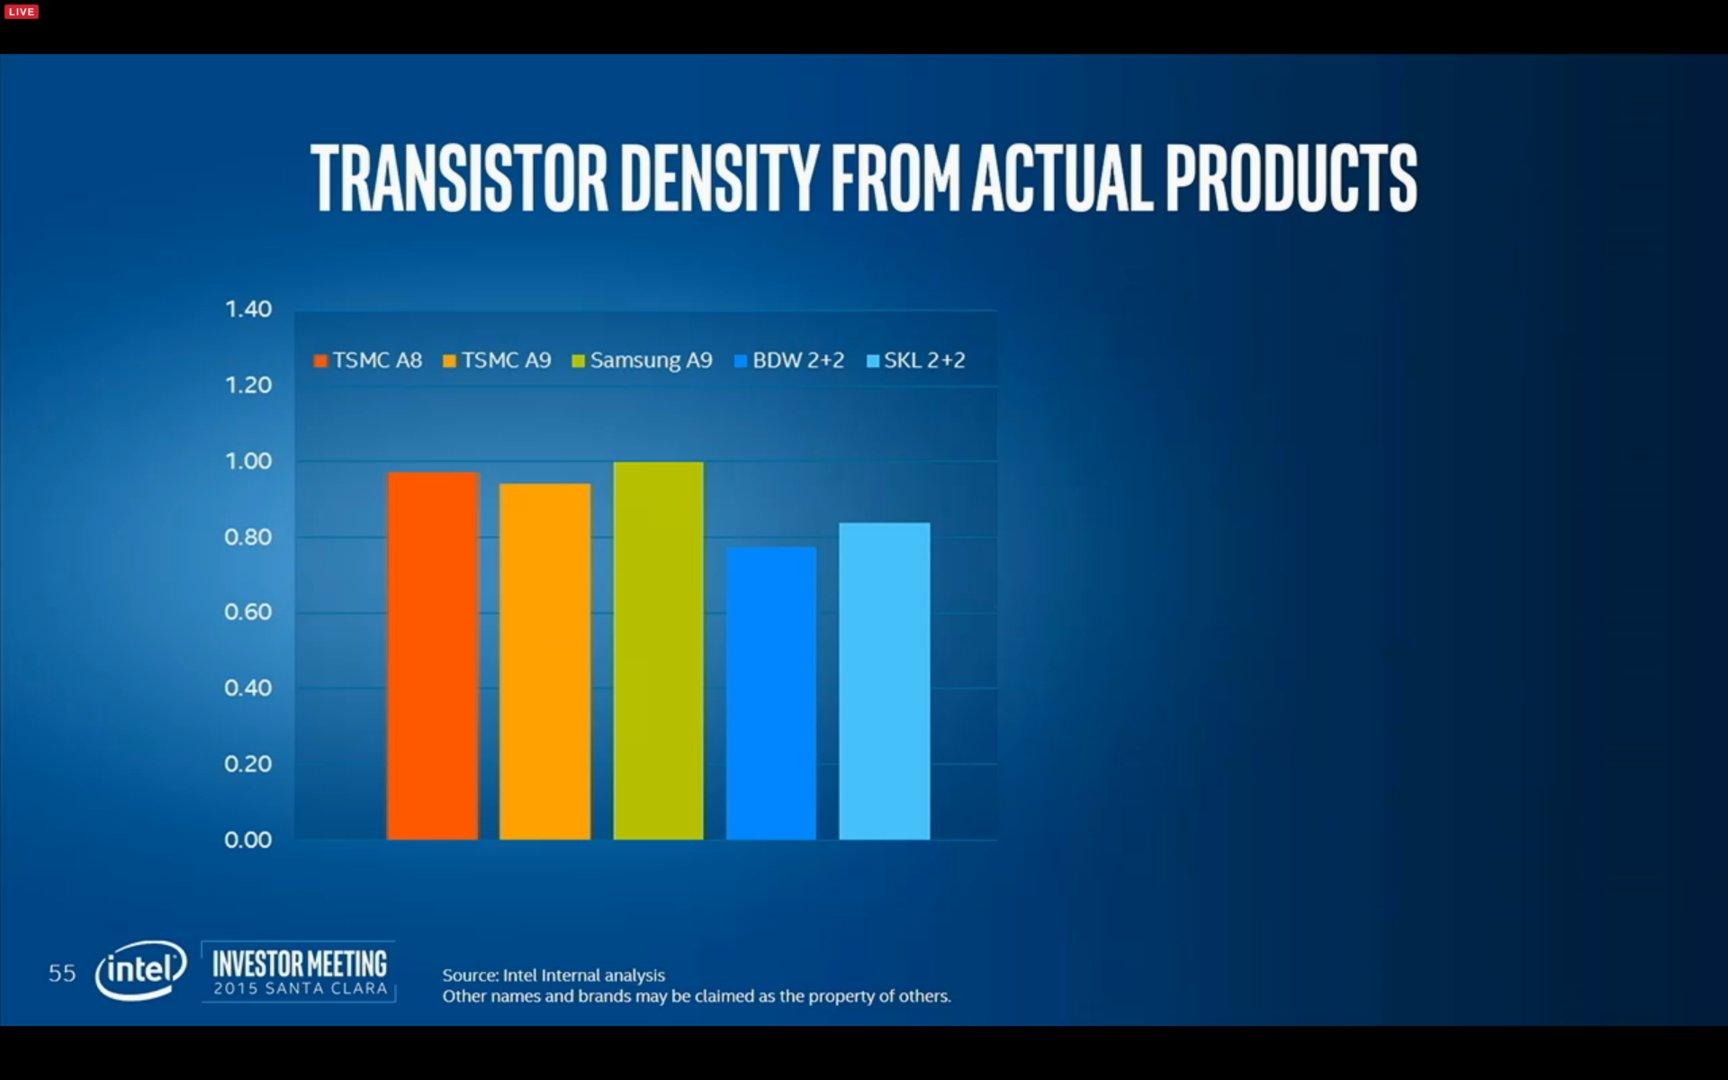 Transistor Density